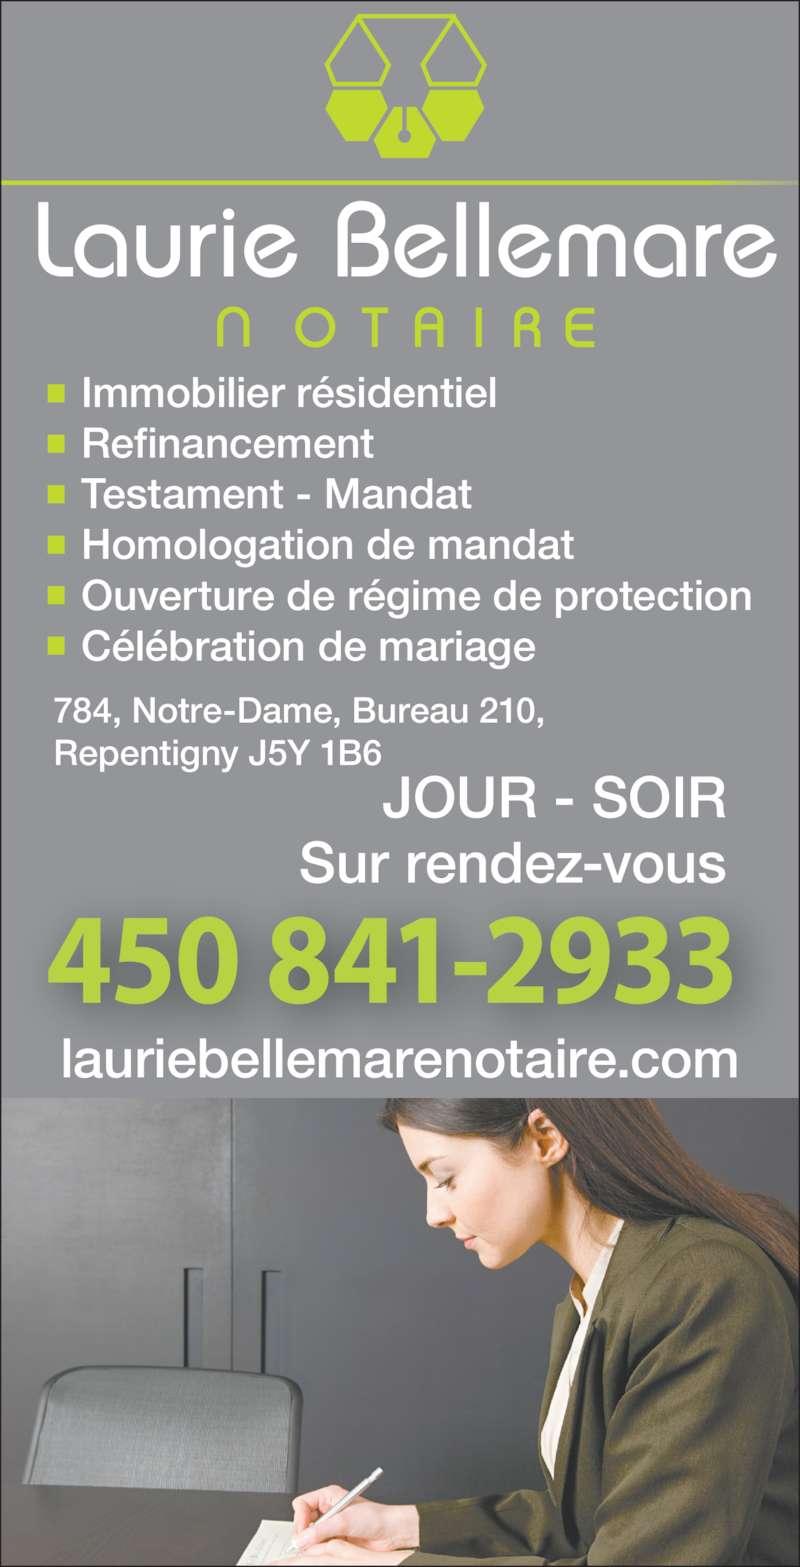 Laurie Bellemare Notaire (450-841-2933) - Annonce illustrée======= - Laurie Bellemare Immobilier résidentiel Refinancement Testament - Mandat Homologation de mandat Ouverture de régime de protection Célébration de mariage 450 841-2933 JOUR - SOIR Sur rendez-vous 784, Notre-Dame, Bureau 210, Repentigny J5Y 1B6 lauriebellemarenotaire.com